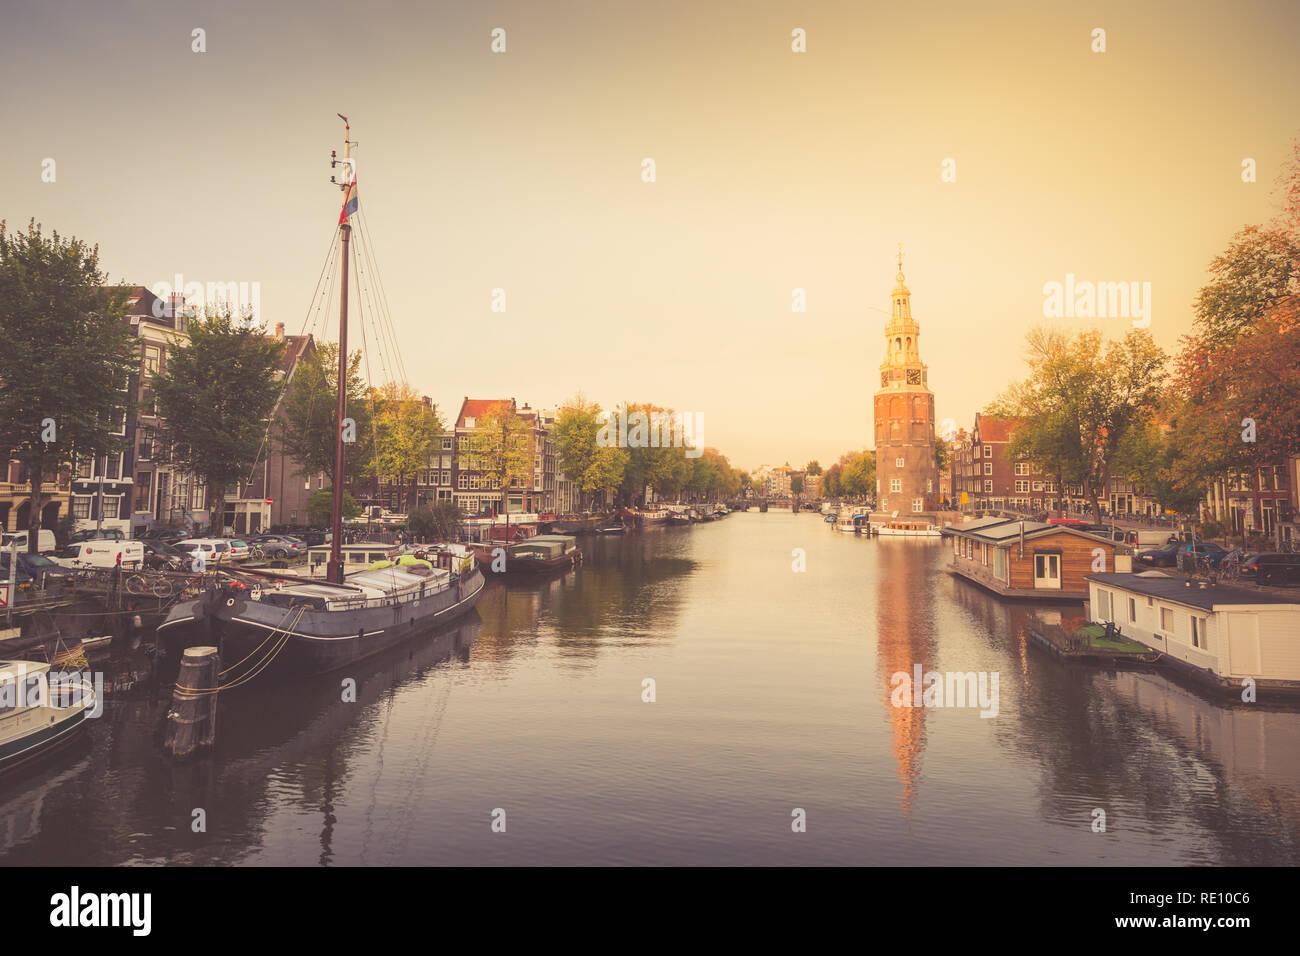 Vue type de remblai canal dans le centre historique de la ville, Amsterdam, Pays-Bas Banque D'Images